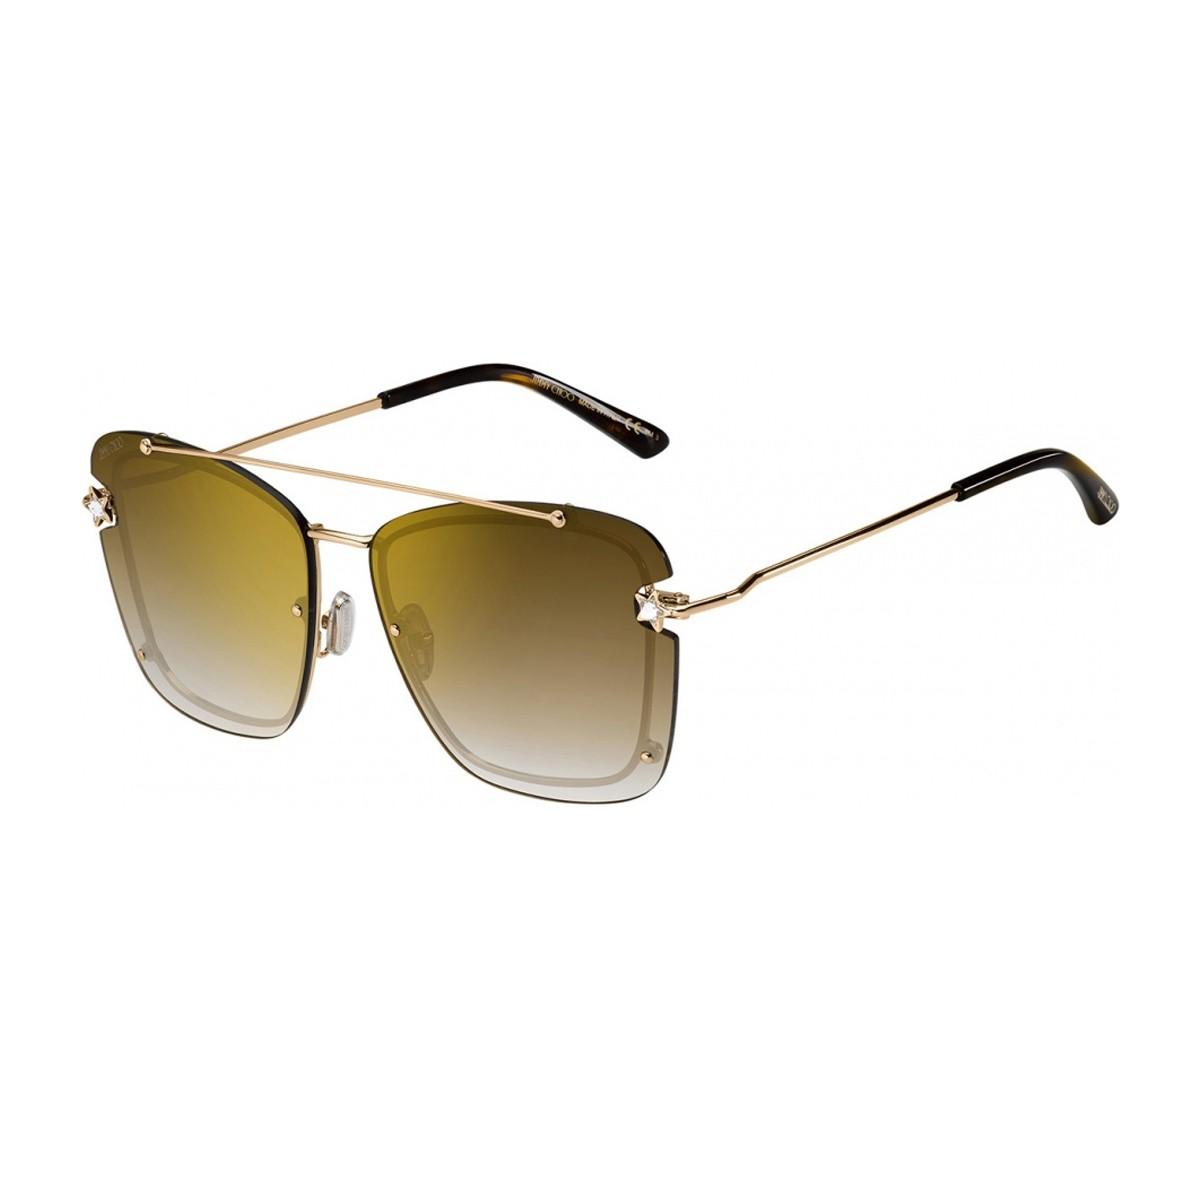 Jimmy Choo Ambra/s | Women's sunglasses